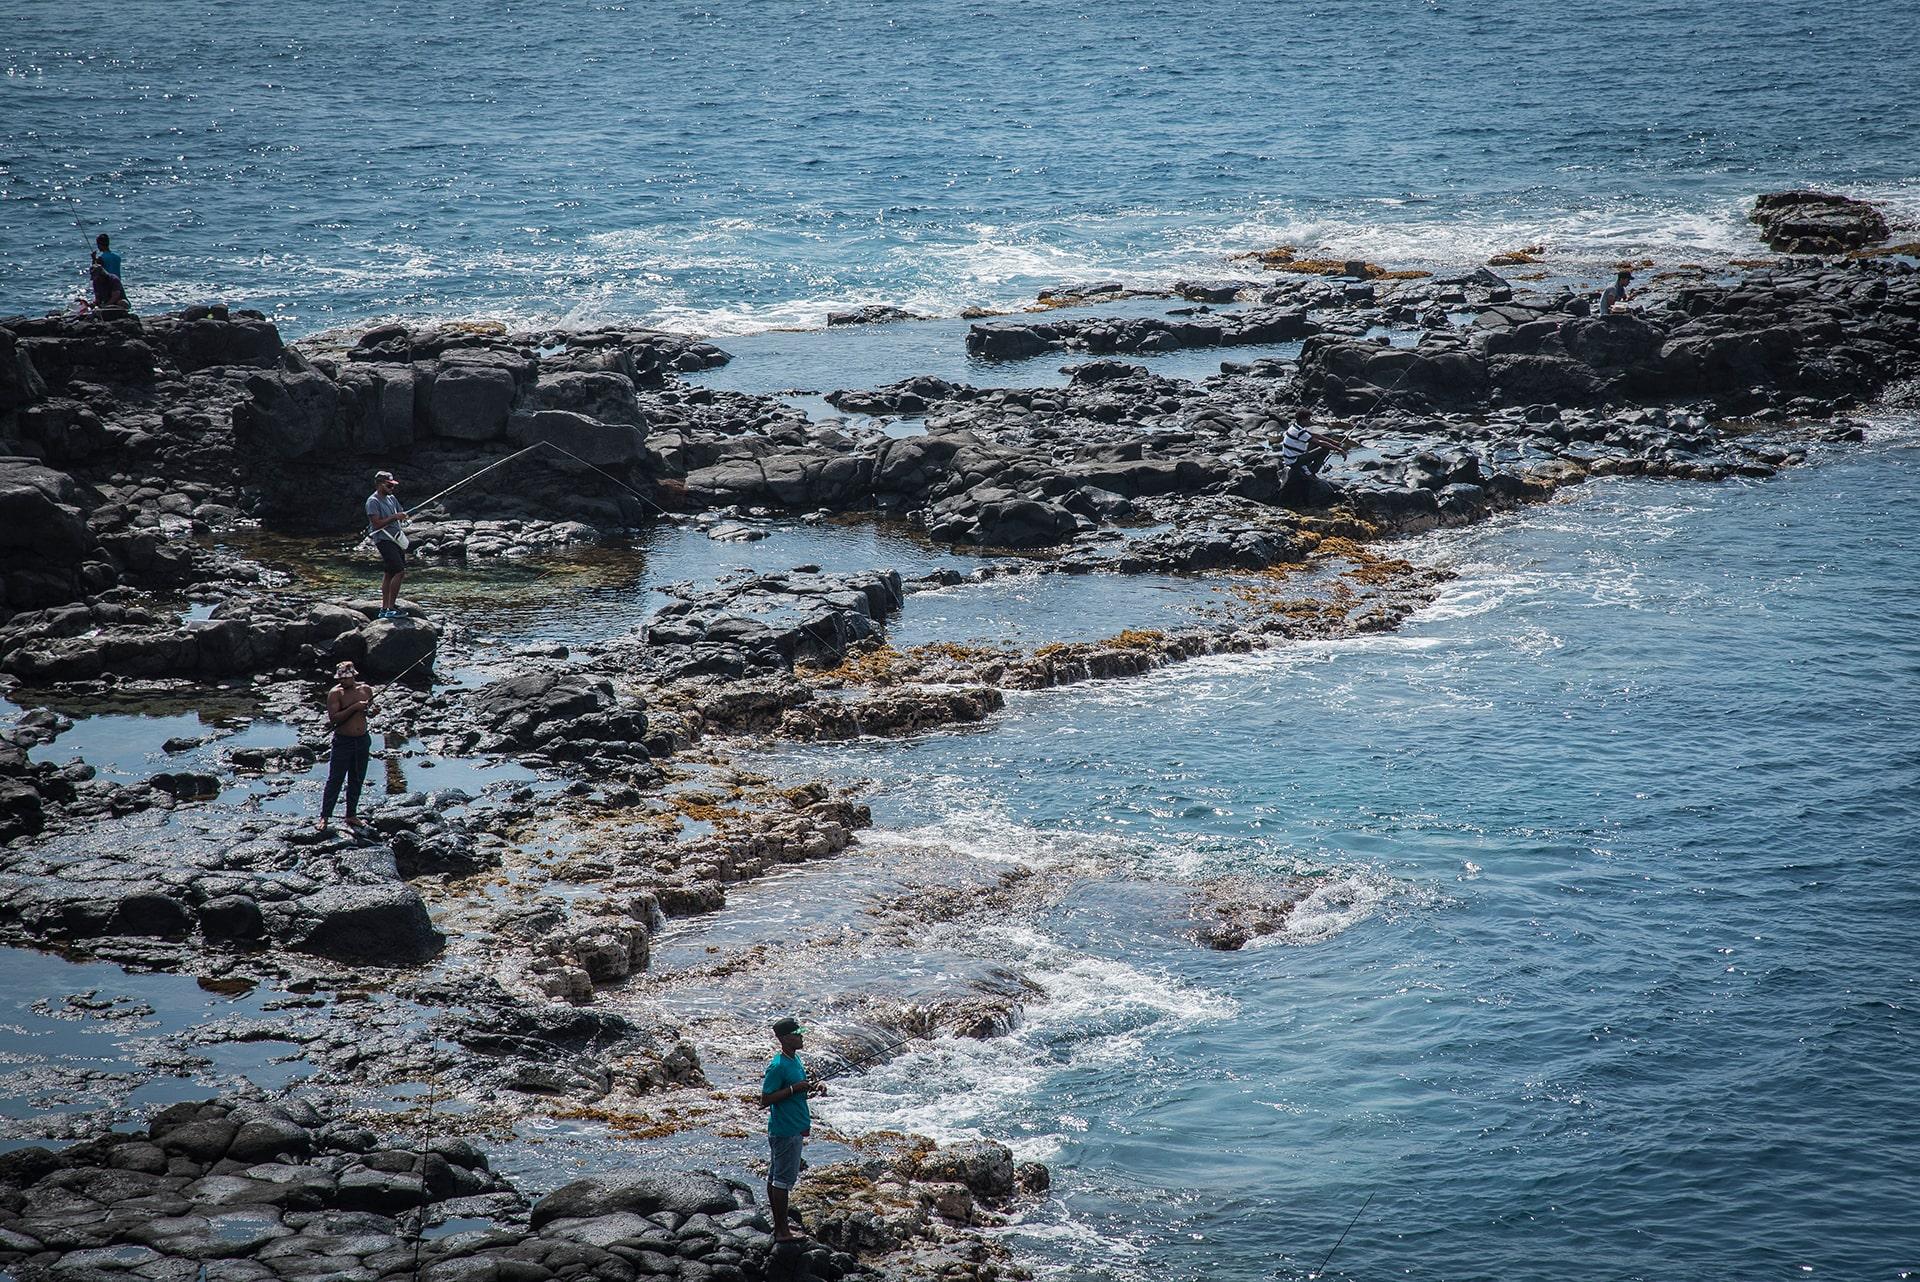 Les pêcheurs de l'îles de la Réunion - Le duo de choc ! L'île Maurice et l'île de la Réunion - Suivre sa Joie - Saskia Parein